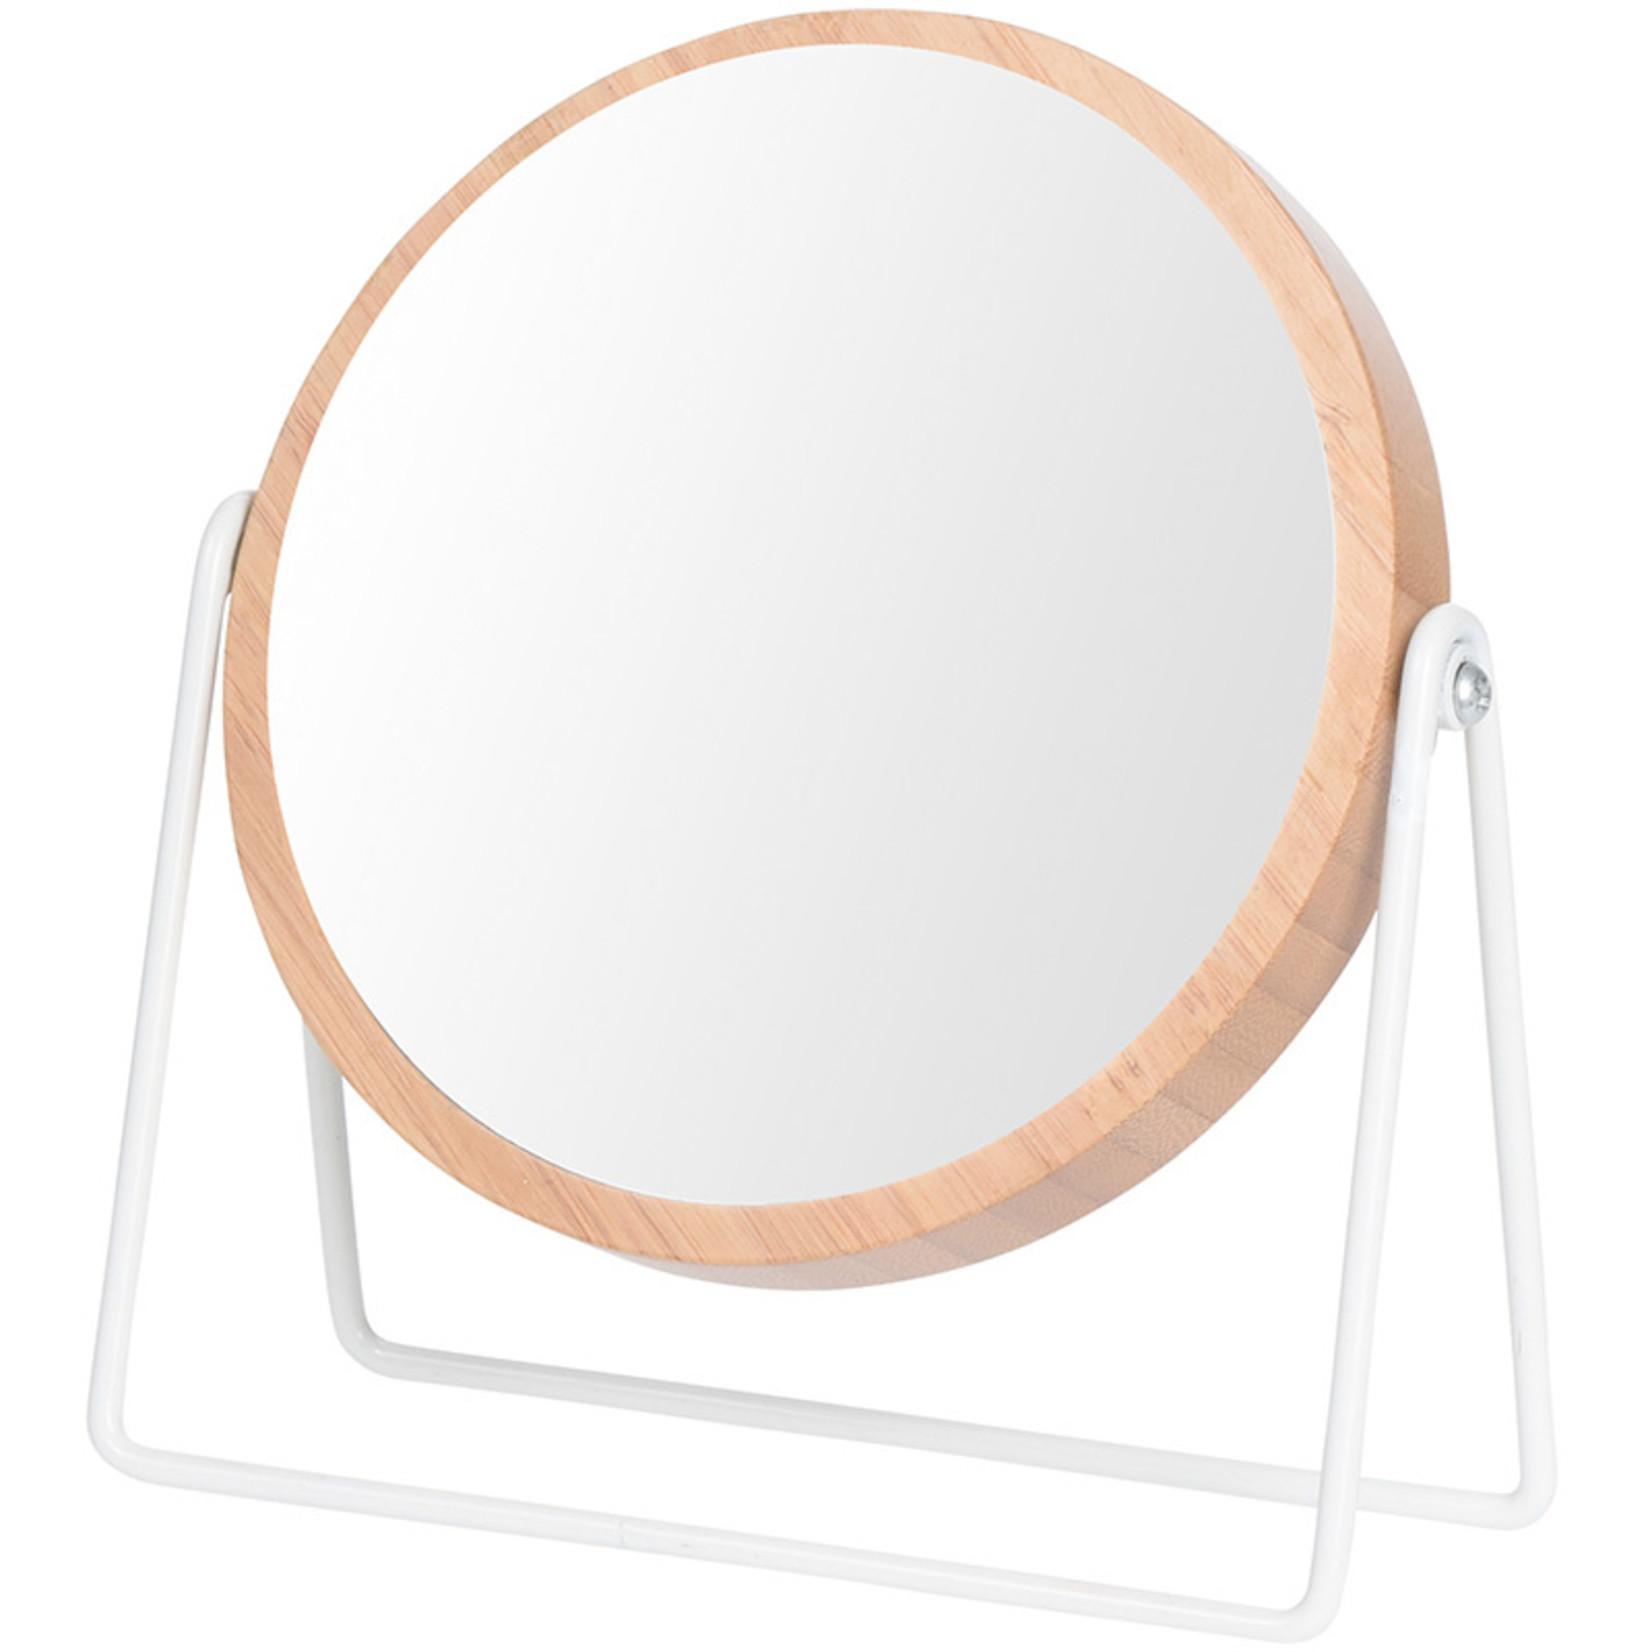 Bathroom Solutions Spiegel dubbelzijdig - 3x vergrotend